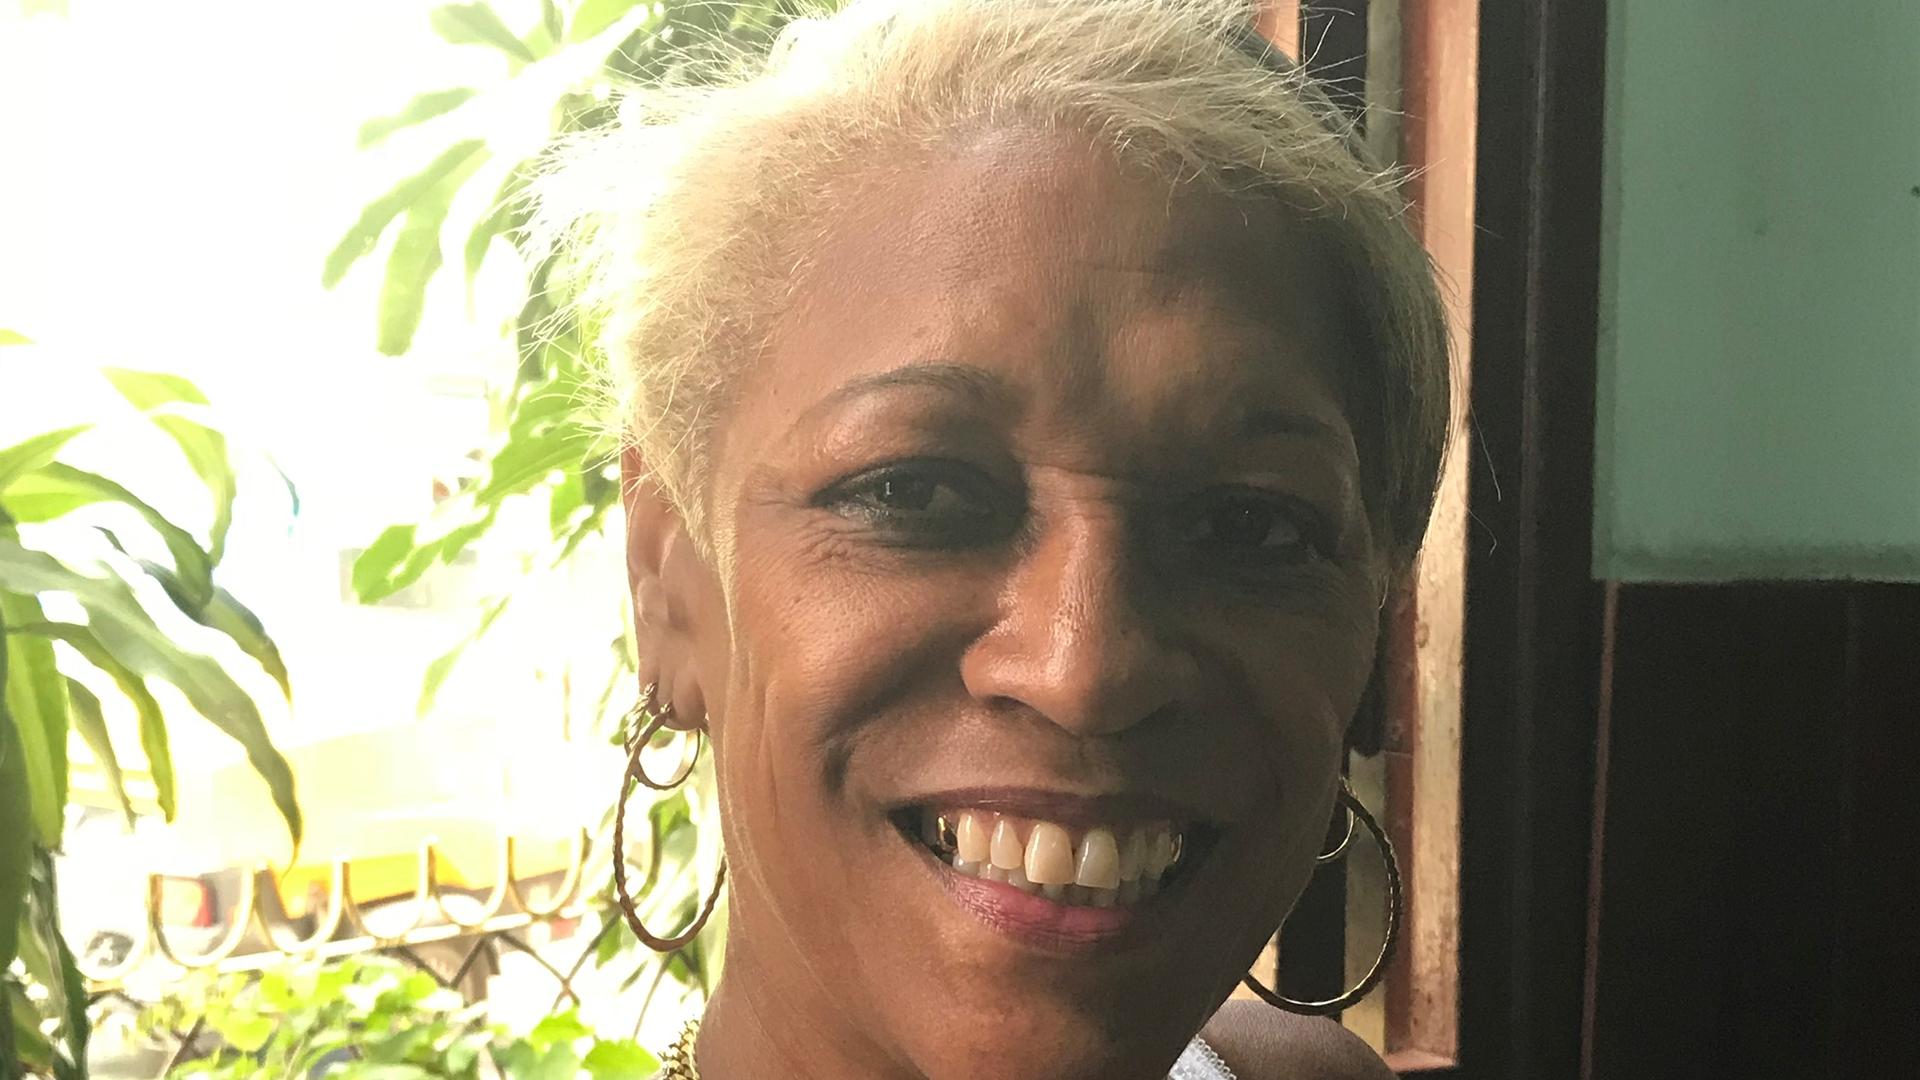 """""""J'ai La Foi, Les Choses Vont S'améliorer"""" : Les Attentes Des Cubains à L'heure De La Désignation Du Nouveau Président"""